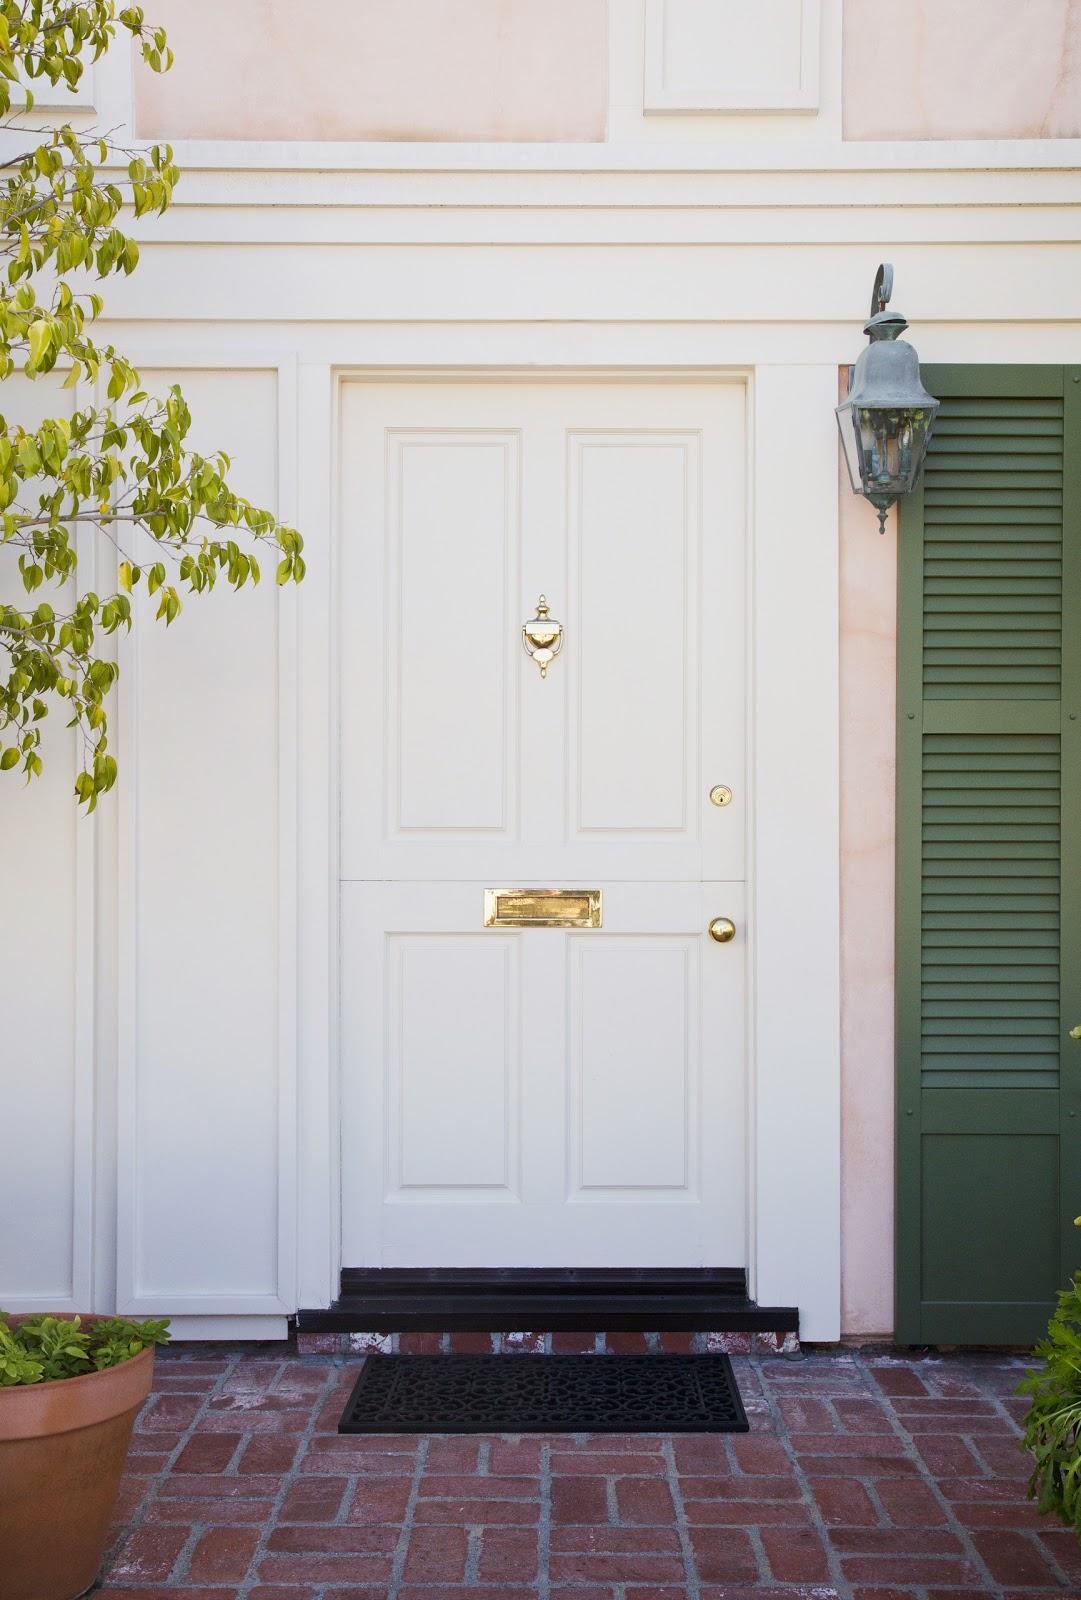 Fiberglass Exterior Doors: Composite UPVC Doors